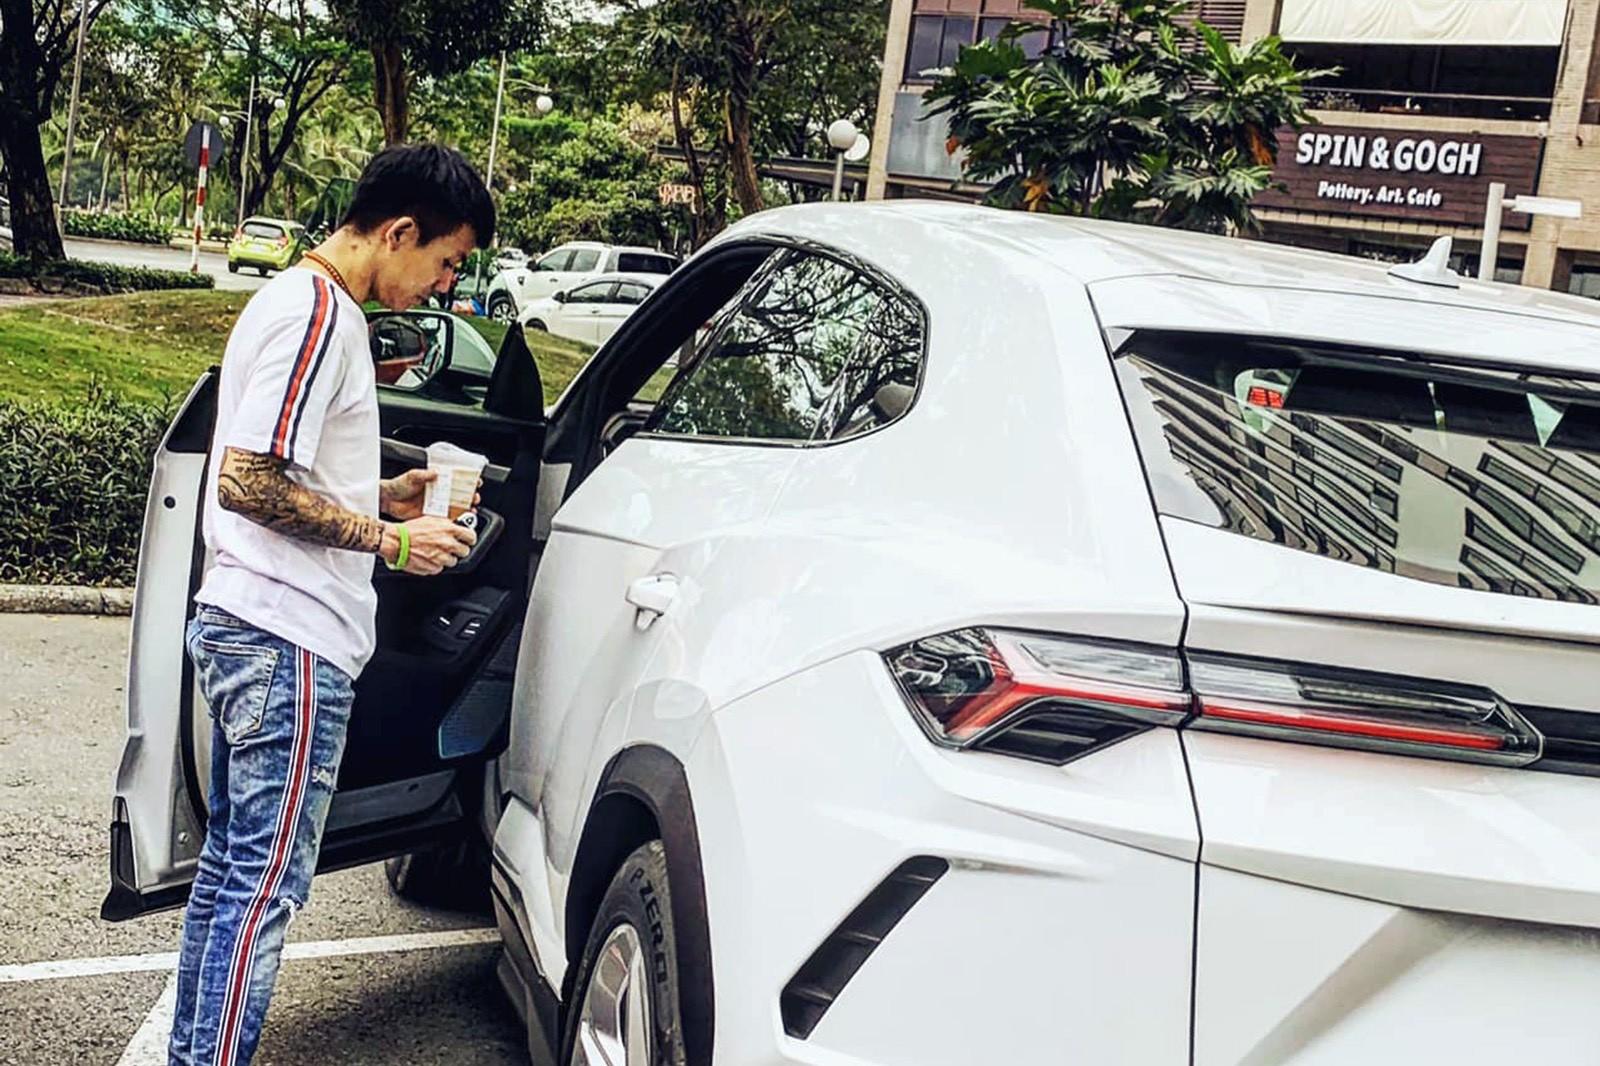 Sau bao tâm huyết độ xe, Minh 'nhựa' bán Lamborghini Urus khiến dân tình tò mò chờ đón siêu phẩm mới